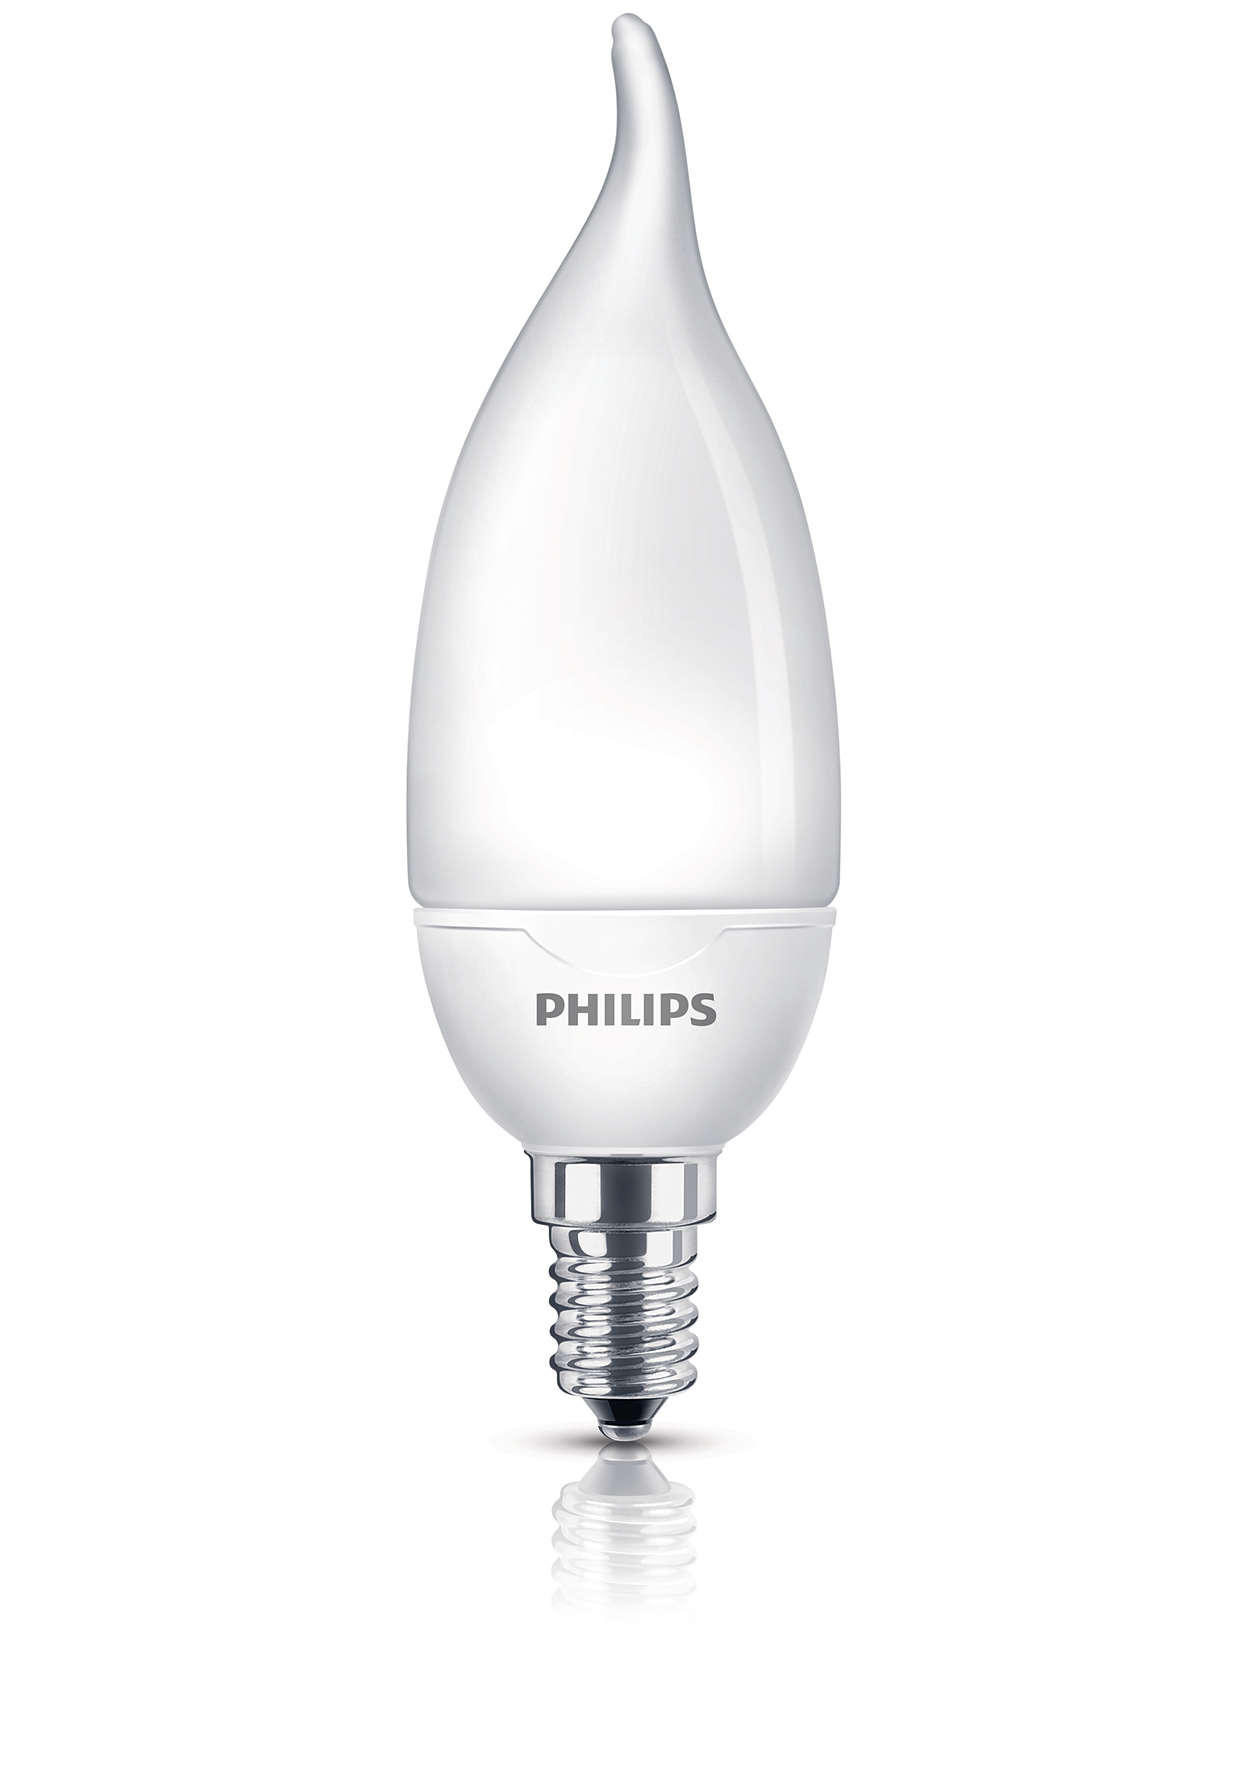 Energiesparlampe mit weichem, sanftem Licht